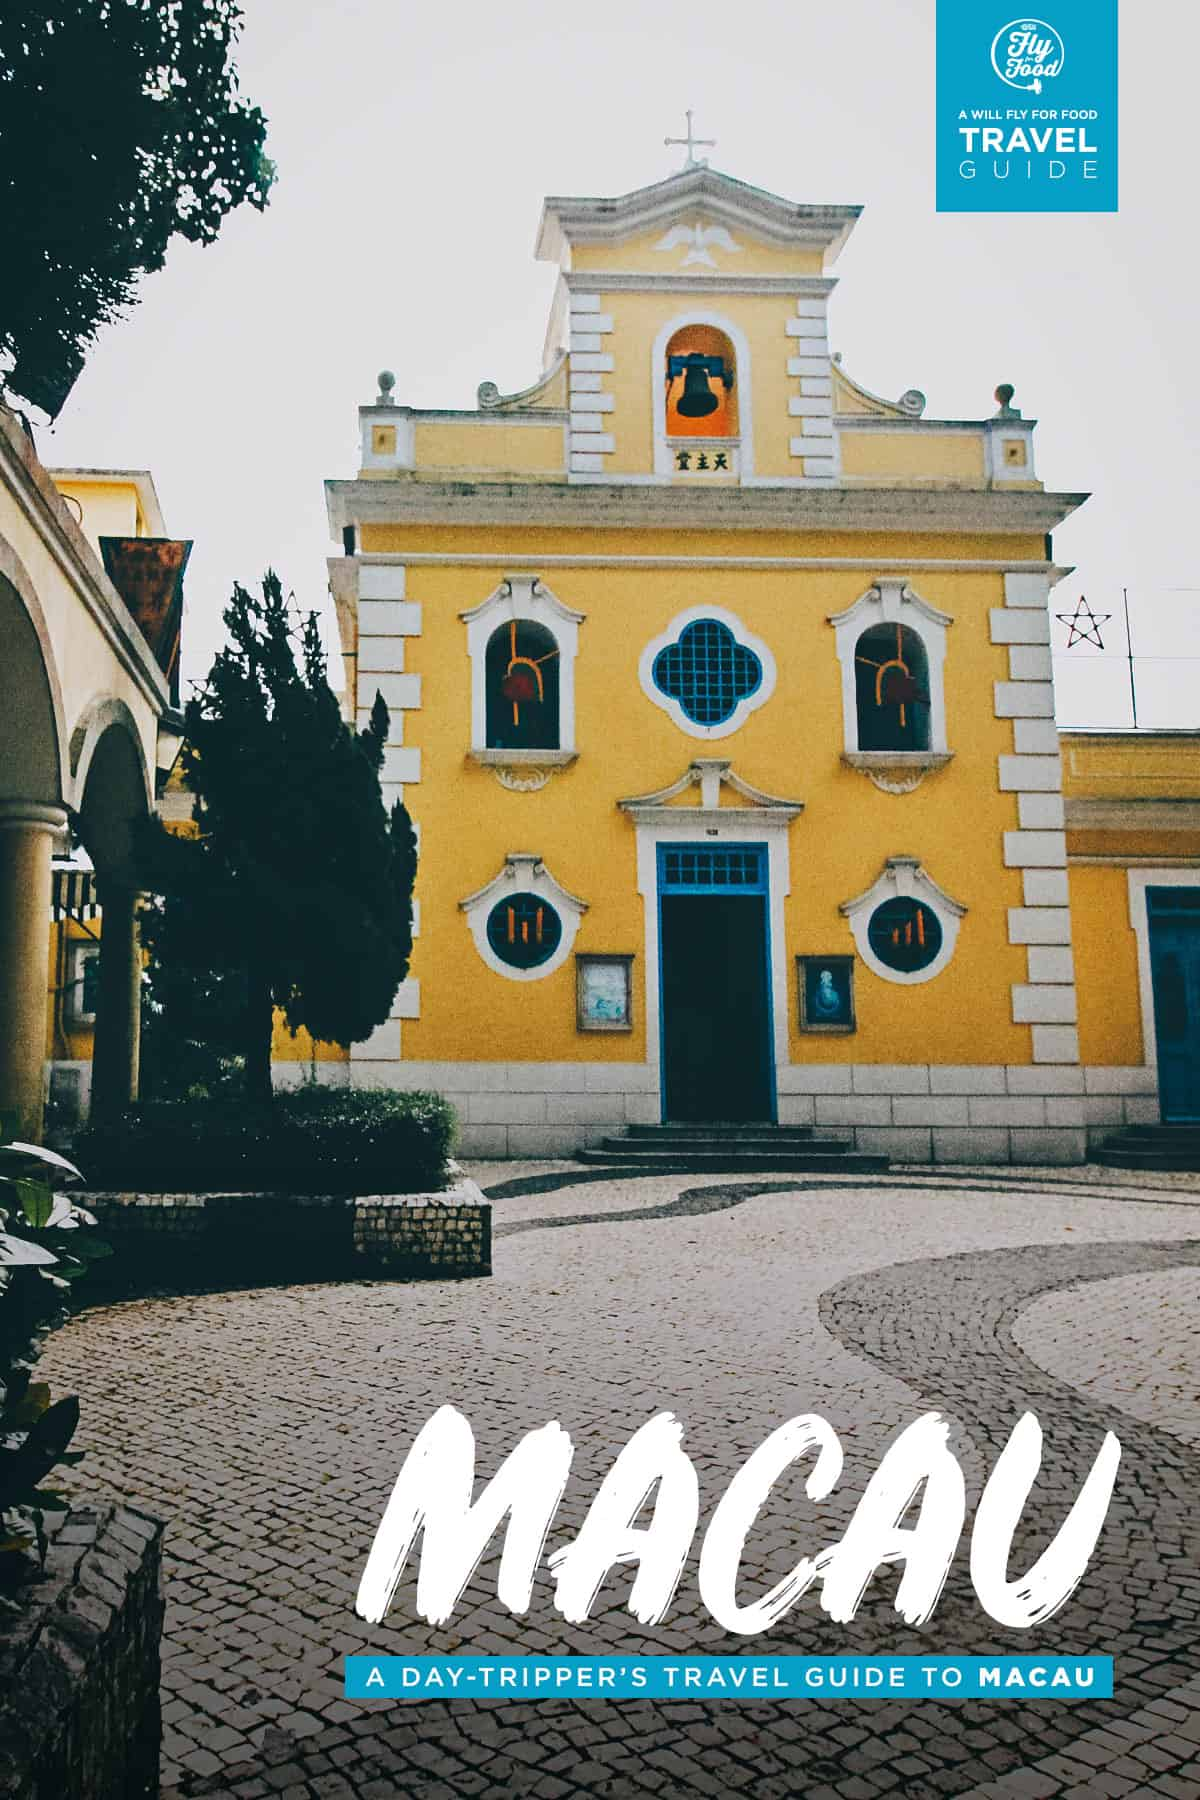 Coloane, Macau